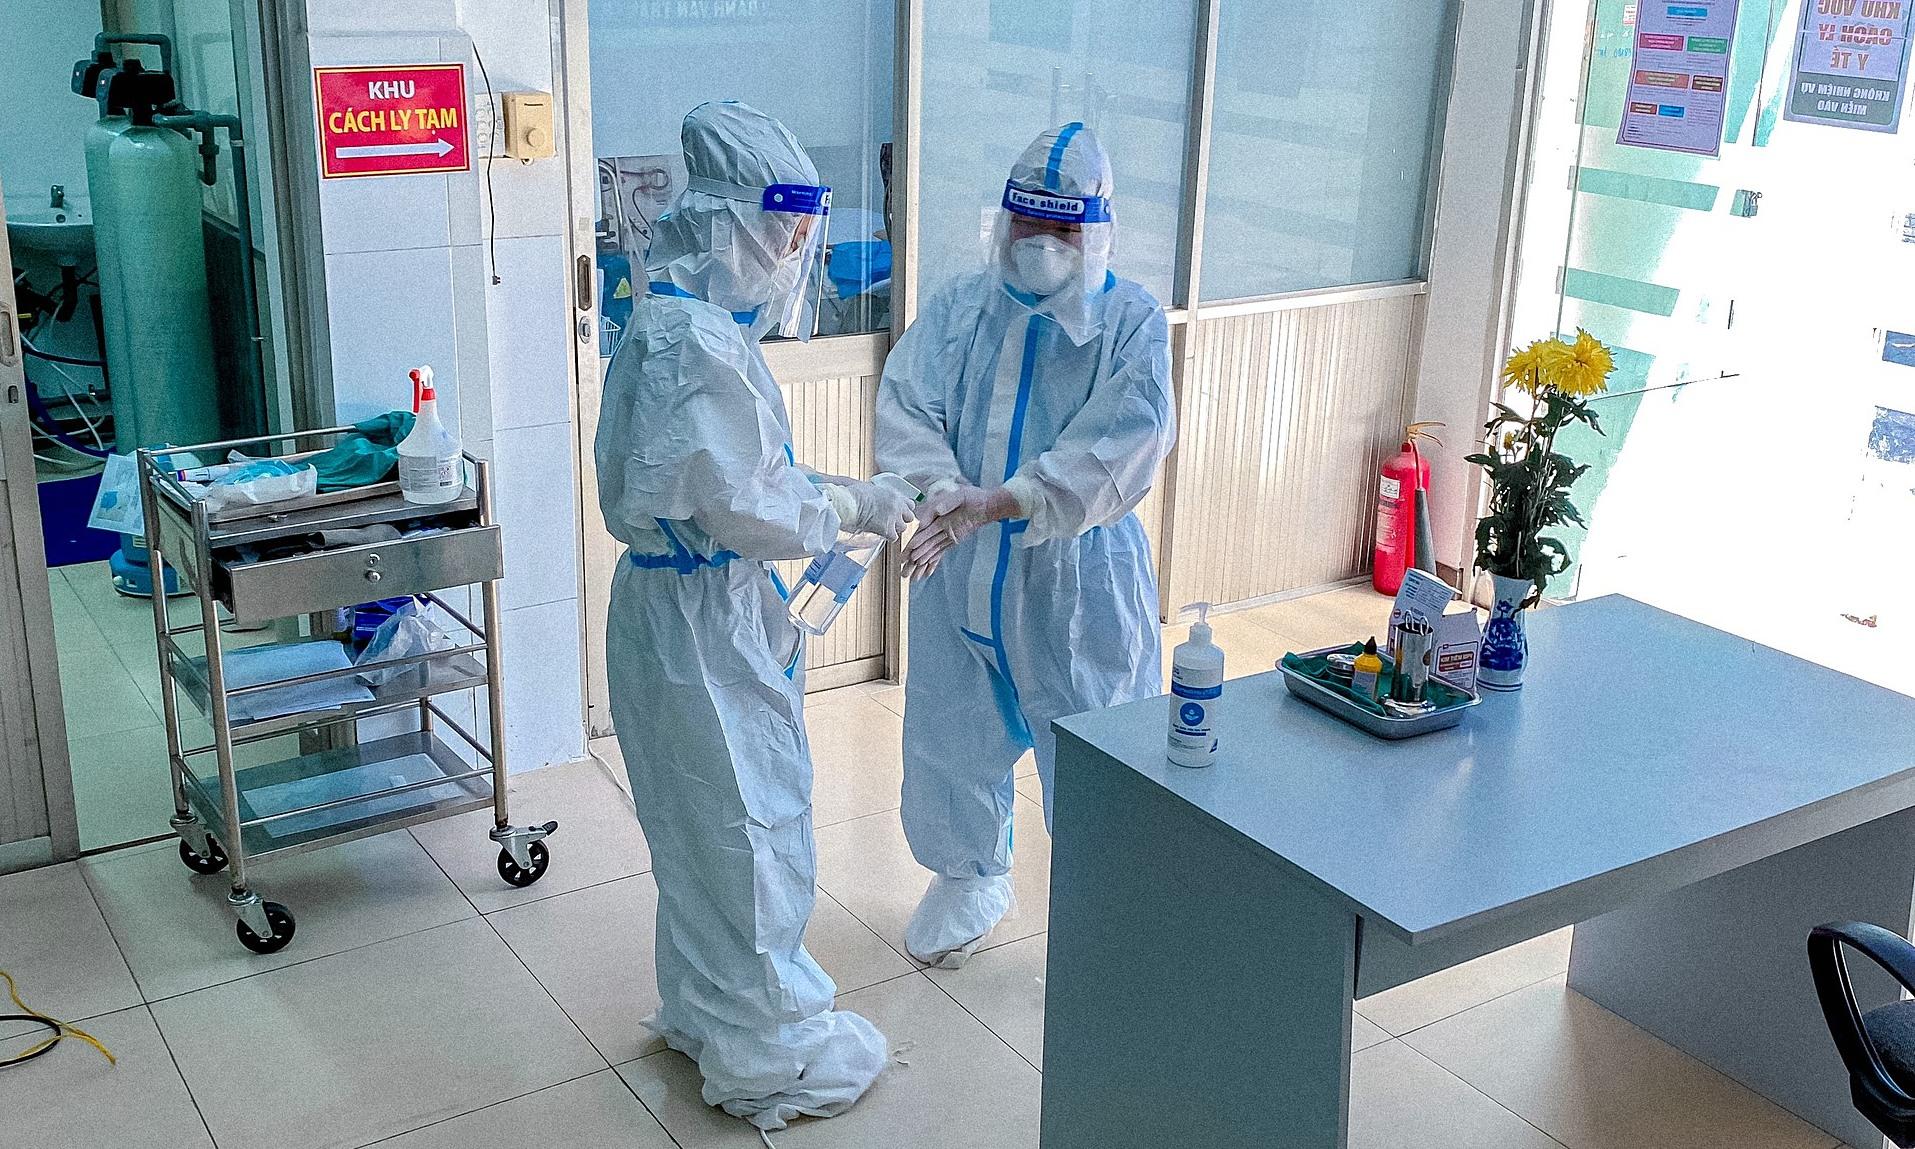 Nhân viên y tế mặc đồ bảo hộ kín mít từ đầu đến chân, với quy trình kiểm soát nhiễm khuẩn nghiêm ngặt, để hạn chế nguy cơ lây nhiễm. Ảnh: Bác sĩ cung cấp